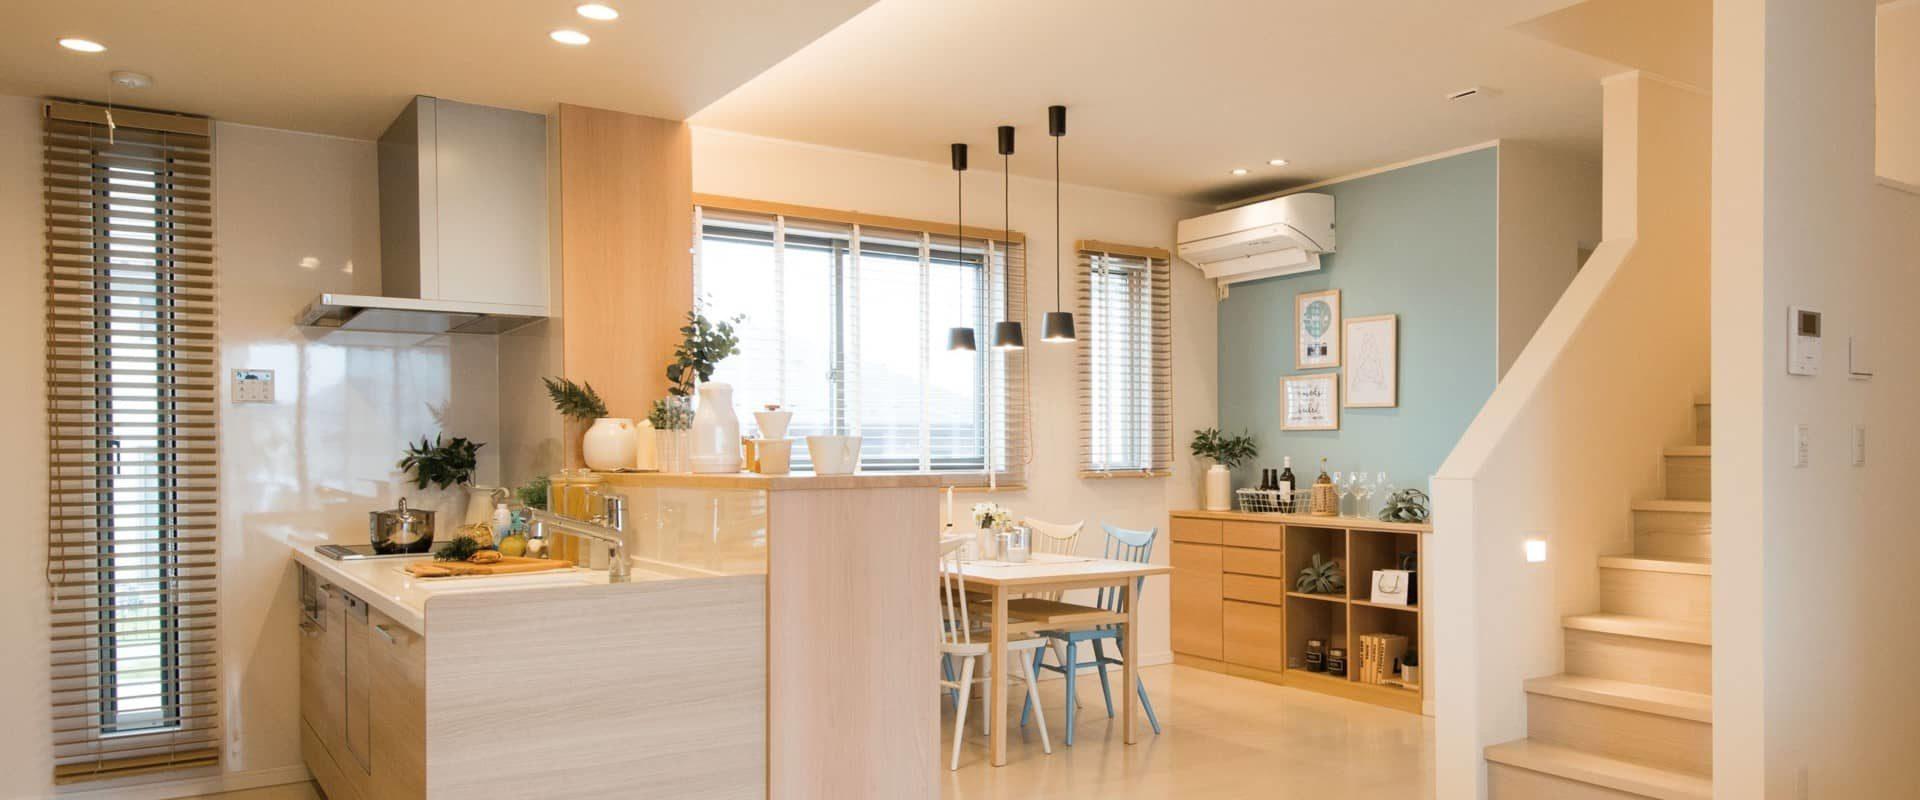 便利な収納で綺麗が続くダイニング・キッチン